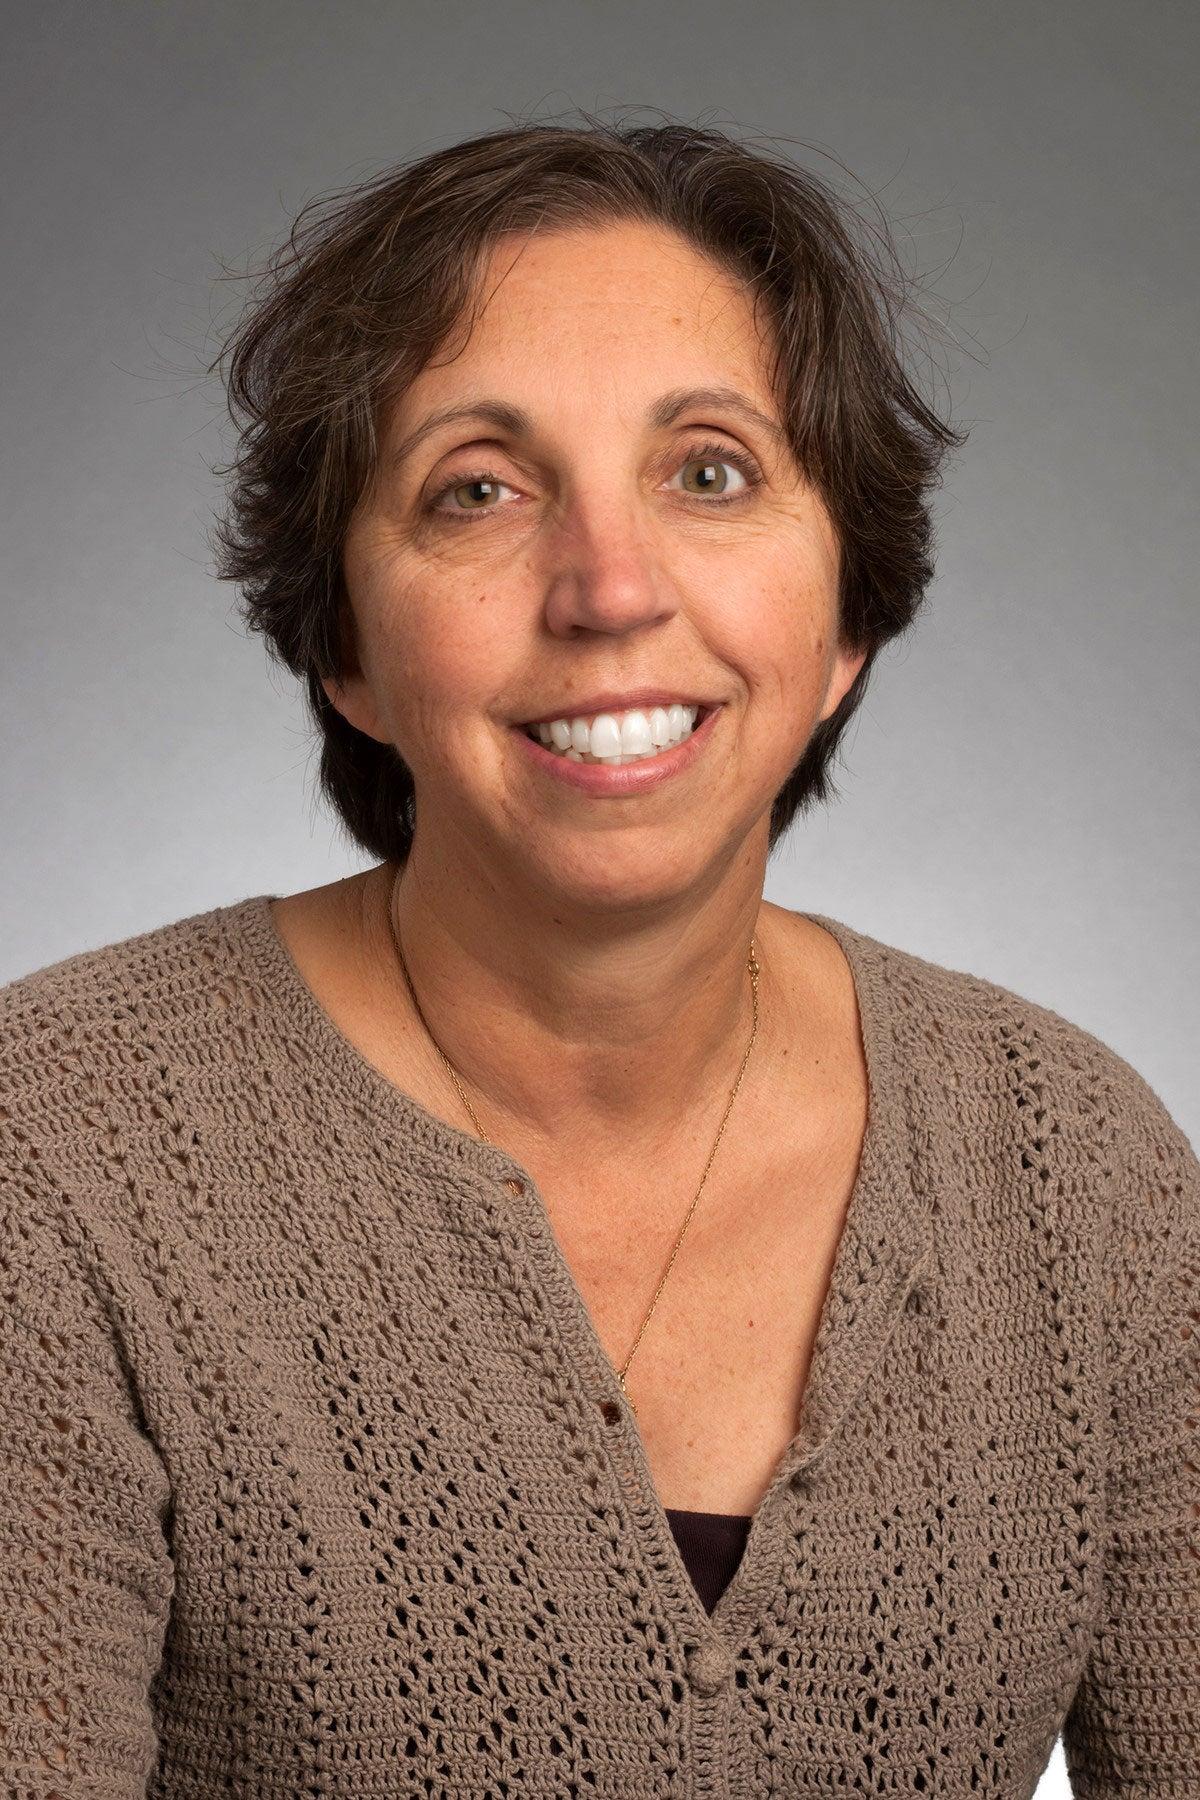 Anne-Sorenson